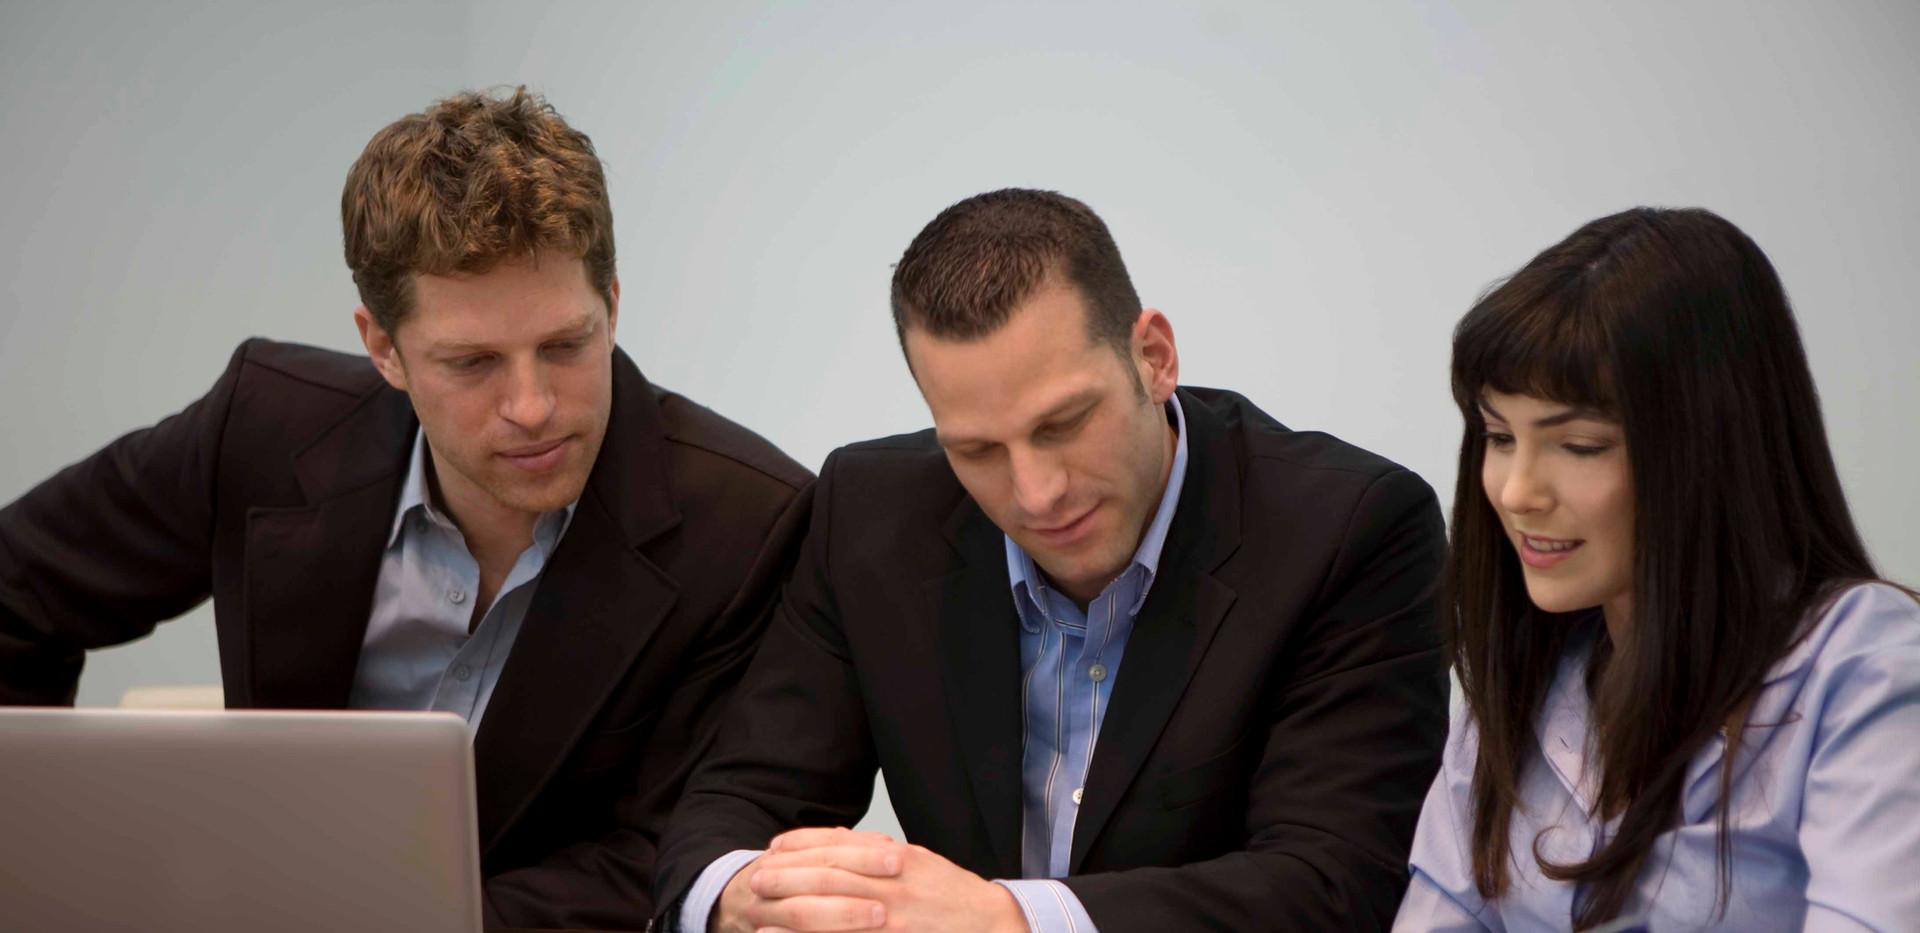 Geschäfts-Team 2